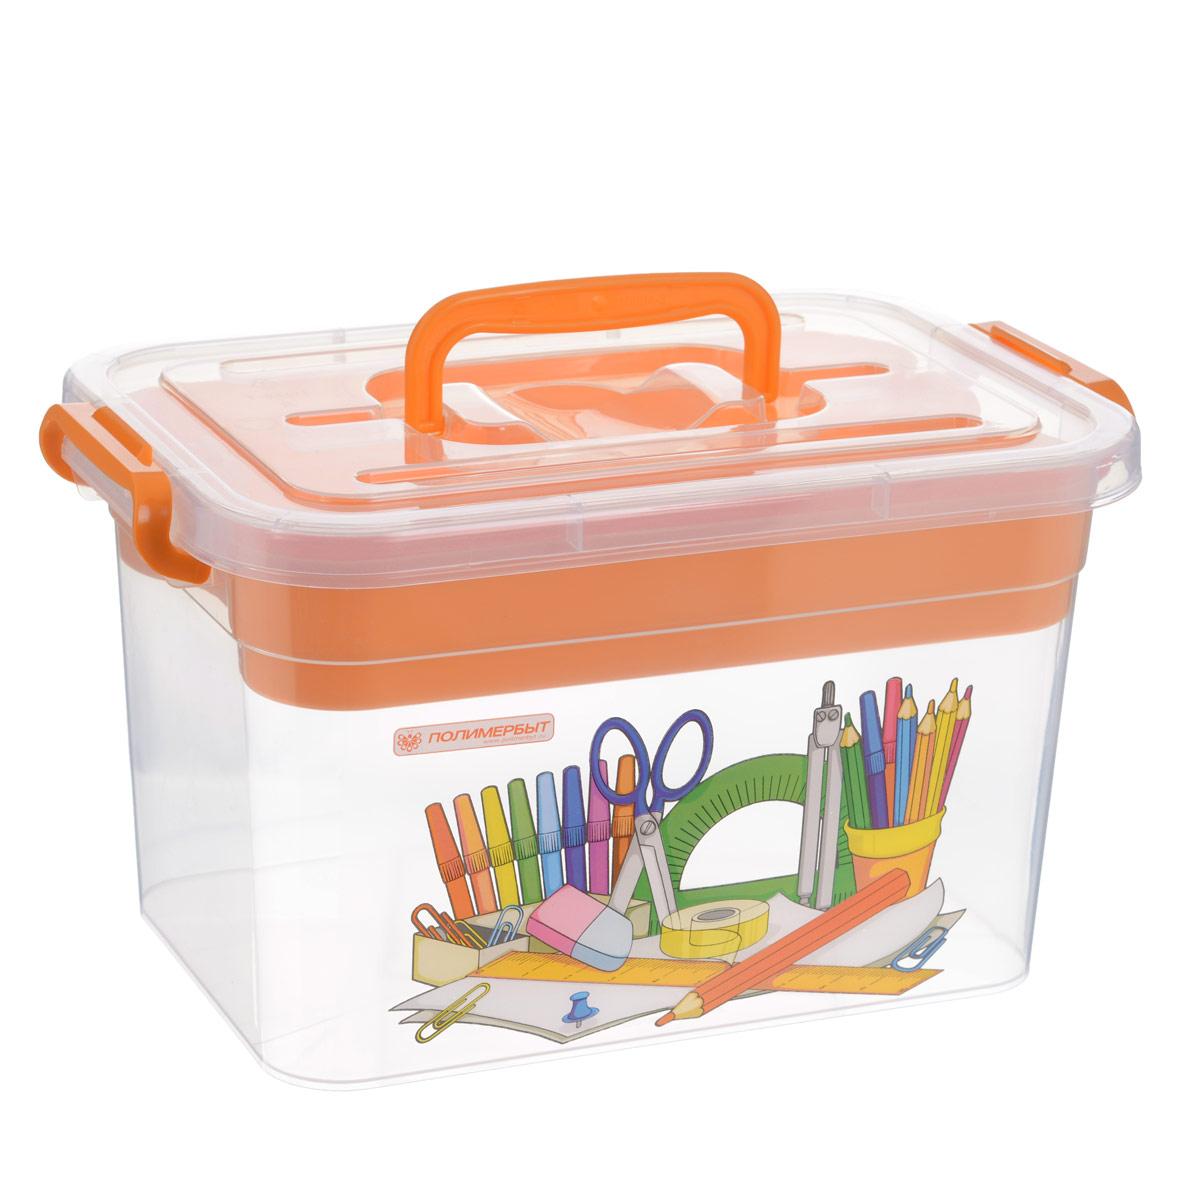 Контейнер Полимербыт Важные мелочи, с вкладышем, цвет: оранжевый, 6,5 лС80902Контейнер Полимербыт Важные мелочи выполнен из прозрачного пластика. Для удобства переноски сверху имеется ручка. Внутрь вставляется цветной вкладыш с тремя отделениями. Контейнер плотно закрывается крышкой с защелками. Контейнер для аптечки Полимербыт Важные мелочи очень вместителен и поможет вам хранить все вещи в одном месте.Объем: 6,5 л.